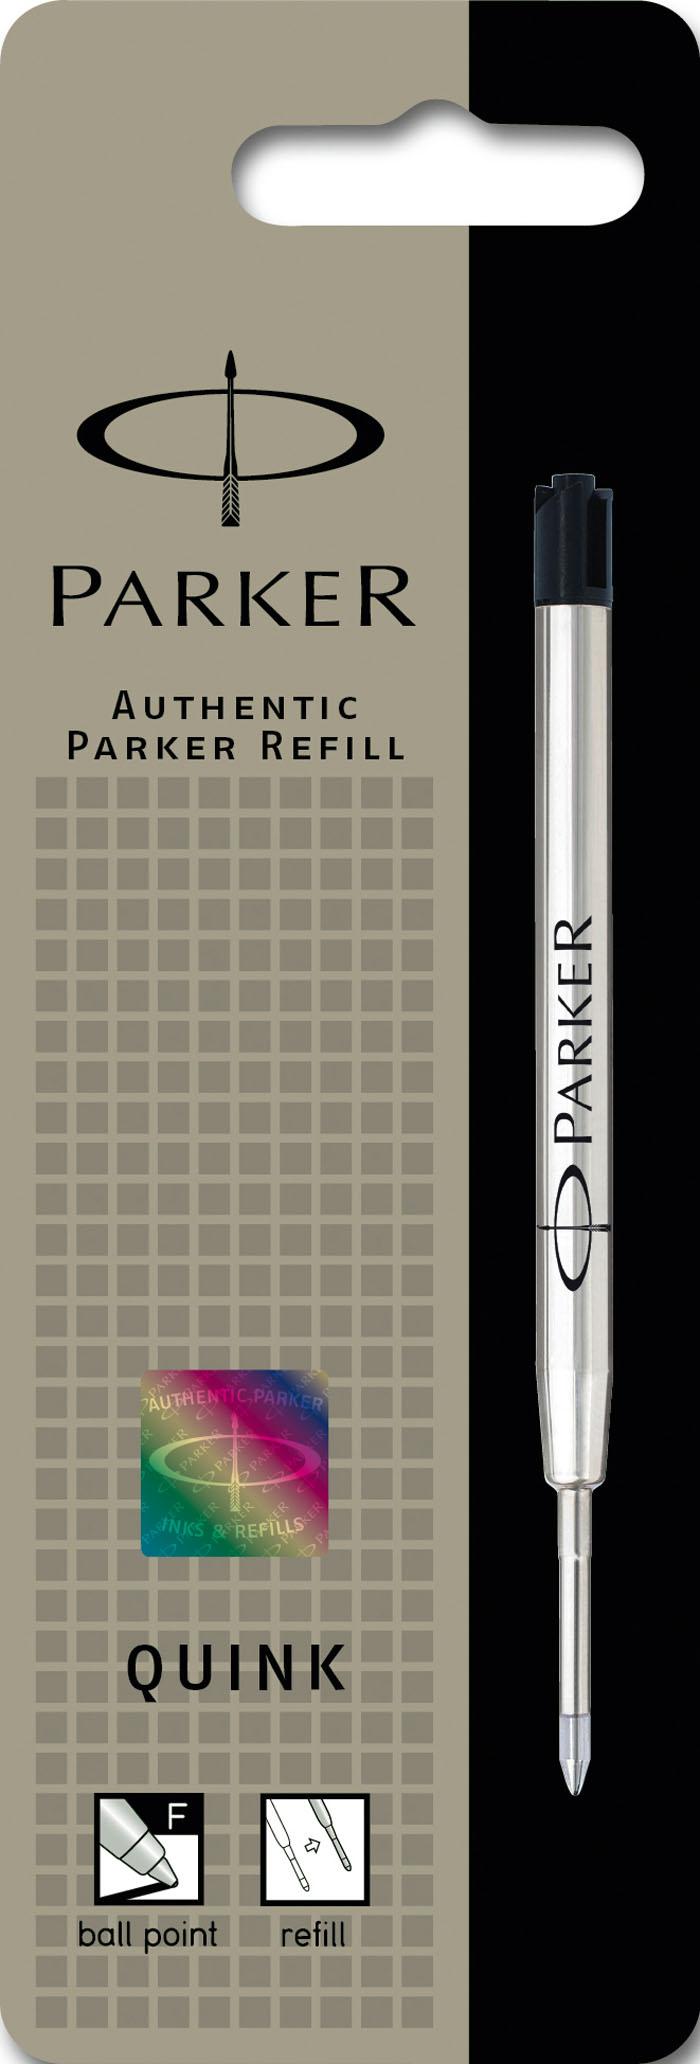 Стержень для шариковых ручек QUINK FLOW. PARKER-S0909400PARKER-S0909400Стержень для шариковой ручки Паркер Квинк Флоу. Для использования в шариковых ручках Паркер, линия письма – тонкая 0,5 мм, чернила черного цвета, Произведено во Франции. Срок годности 4 года.